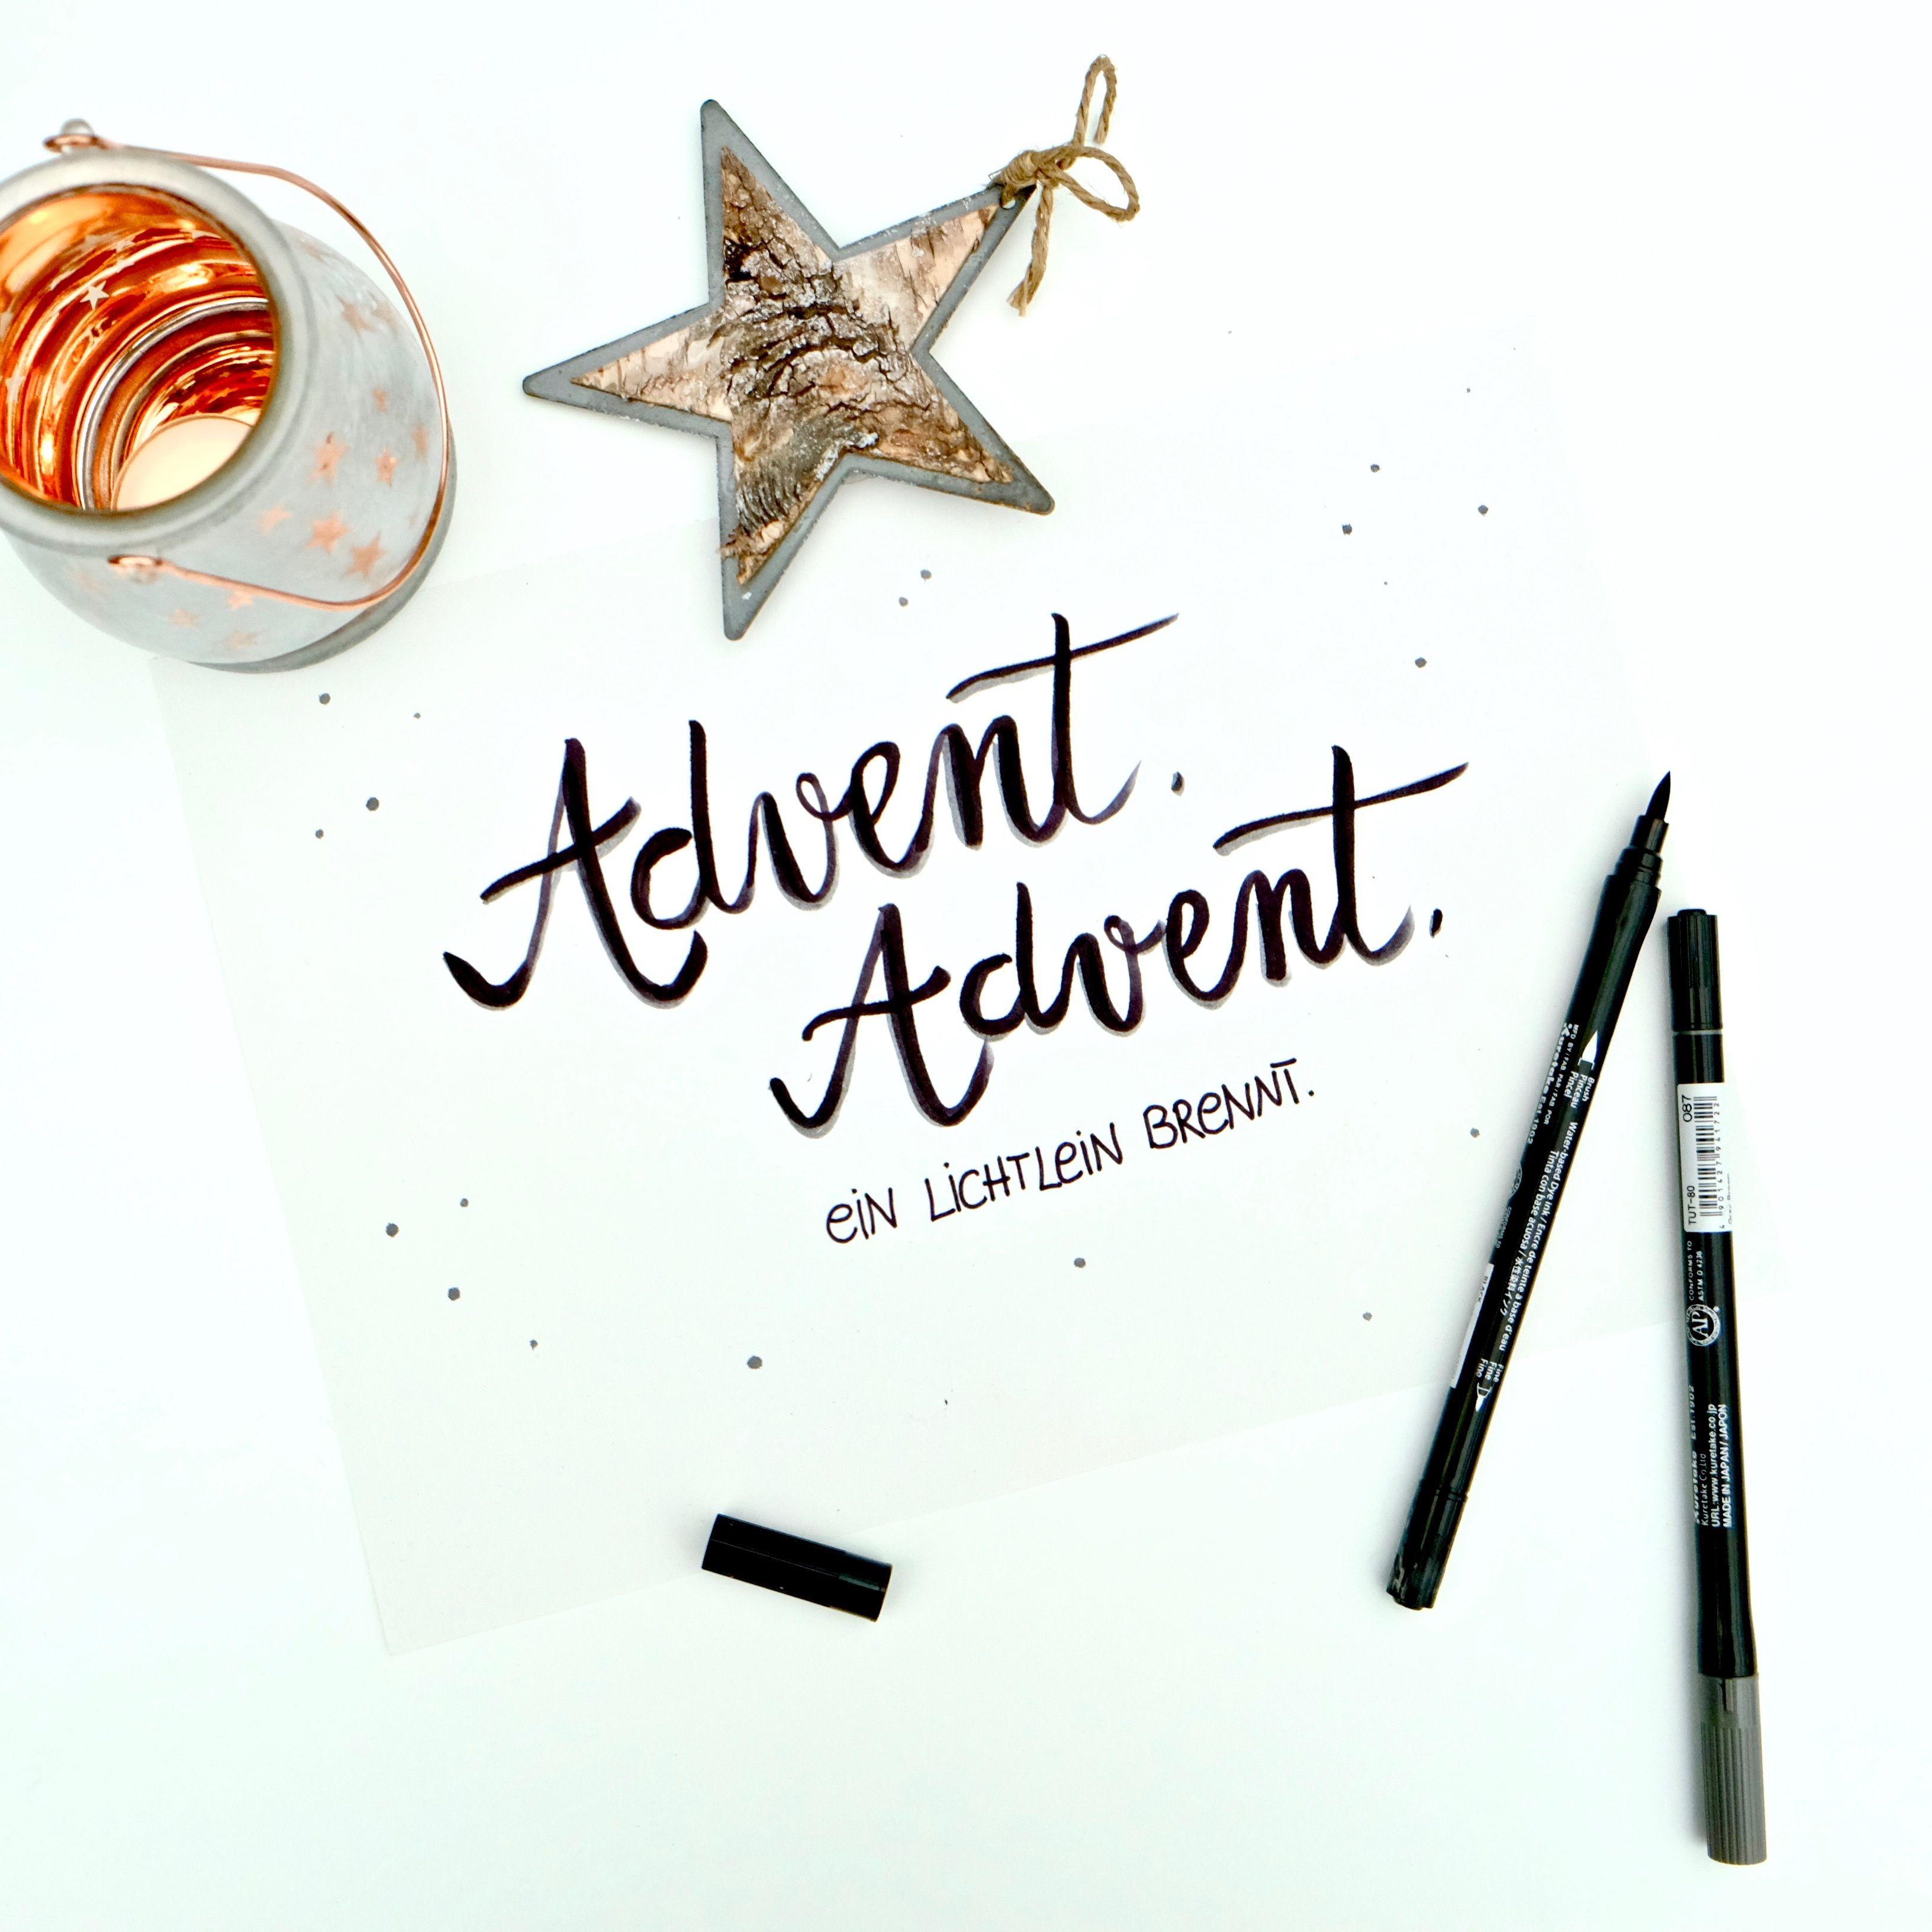 Advent Advent Ein Lichtlein Brennt Advent Schone Adventszeit Lettering